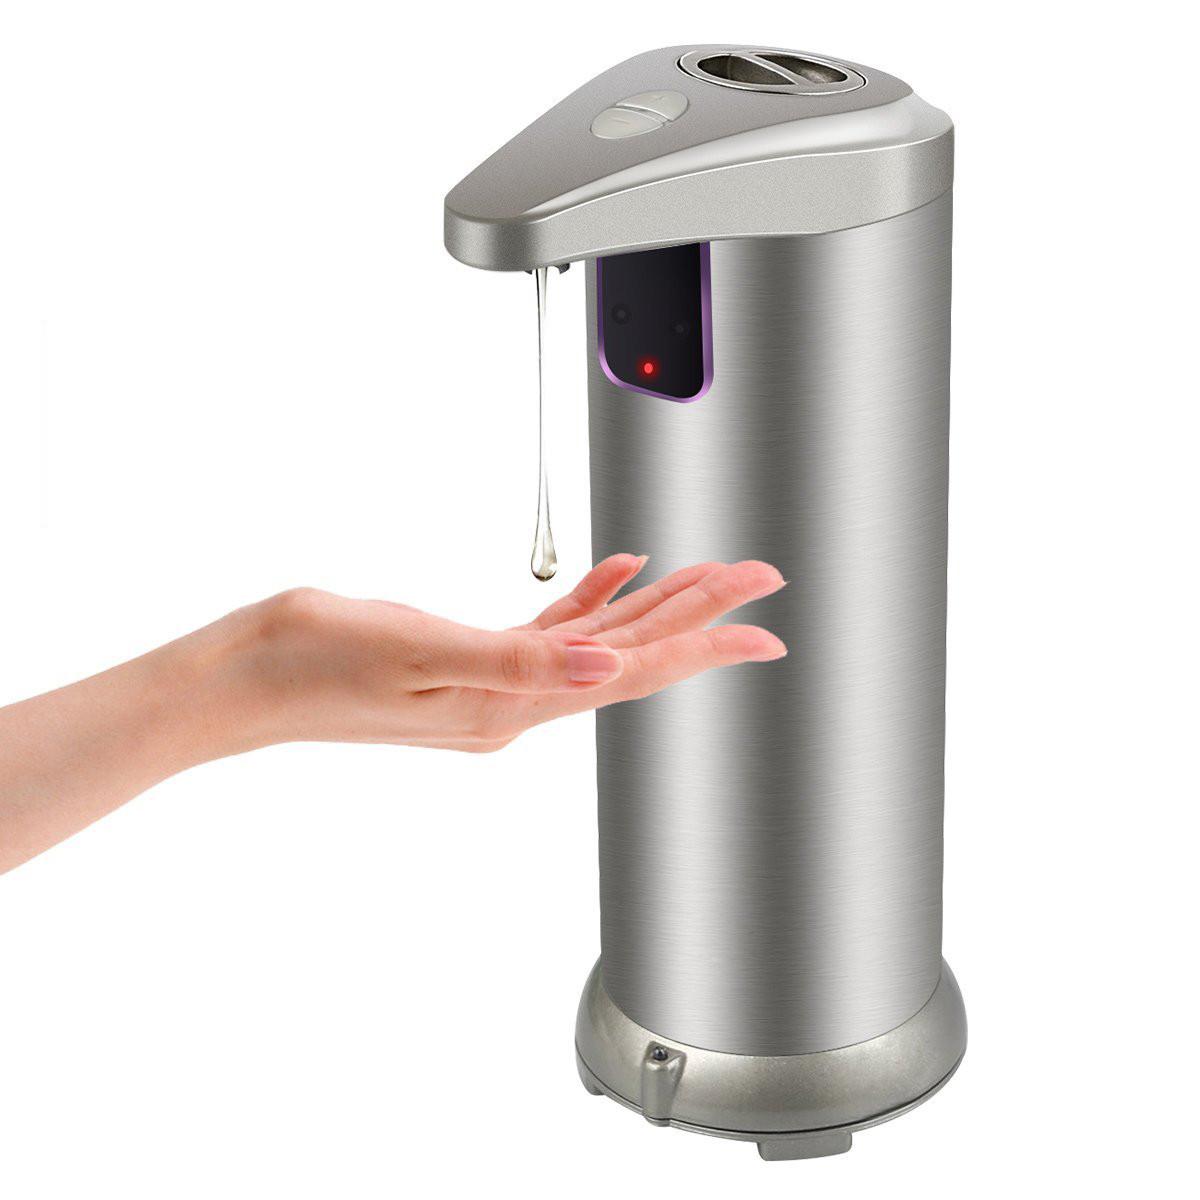 SanitizerВтороепоколениеМодернизированнаяверсияБесконтактный автоматический Дозатор для жидкого мыла Диспенсер мыла - 1TopShop